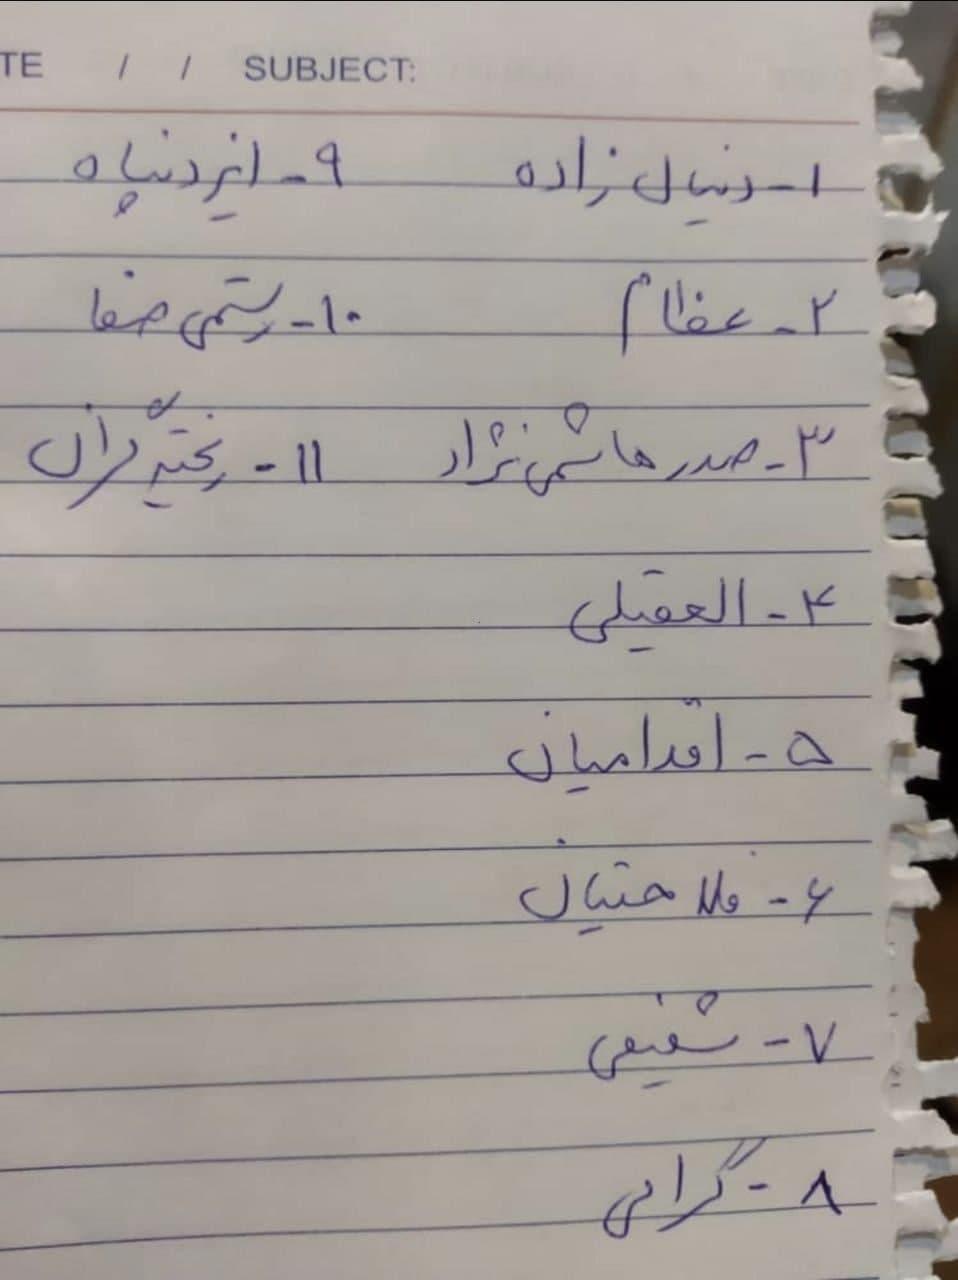 توضیحات سخنگوی قوه قضاییه در مورد لیست یازده نفره همتی